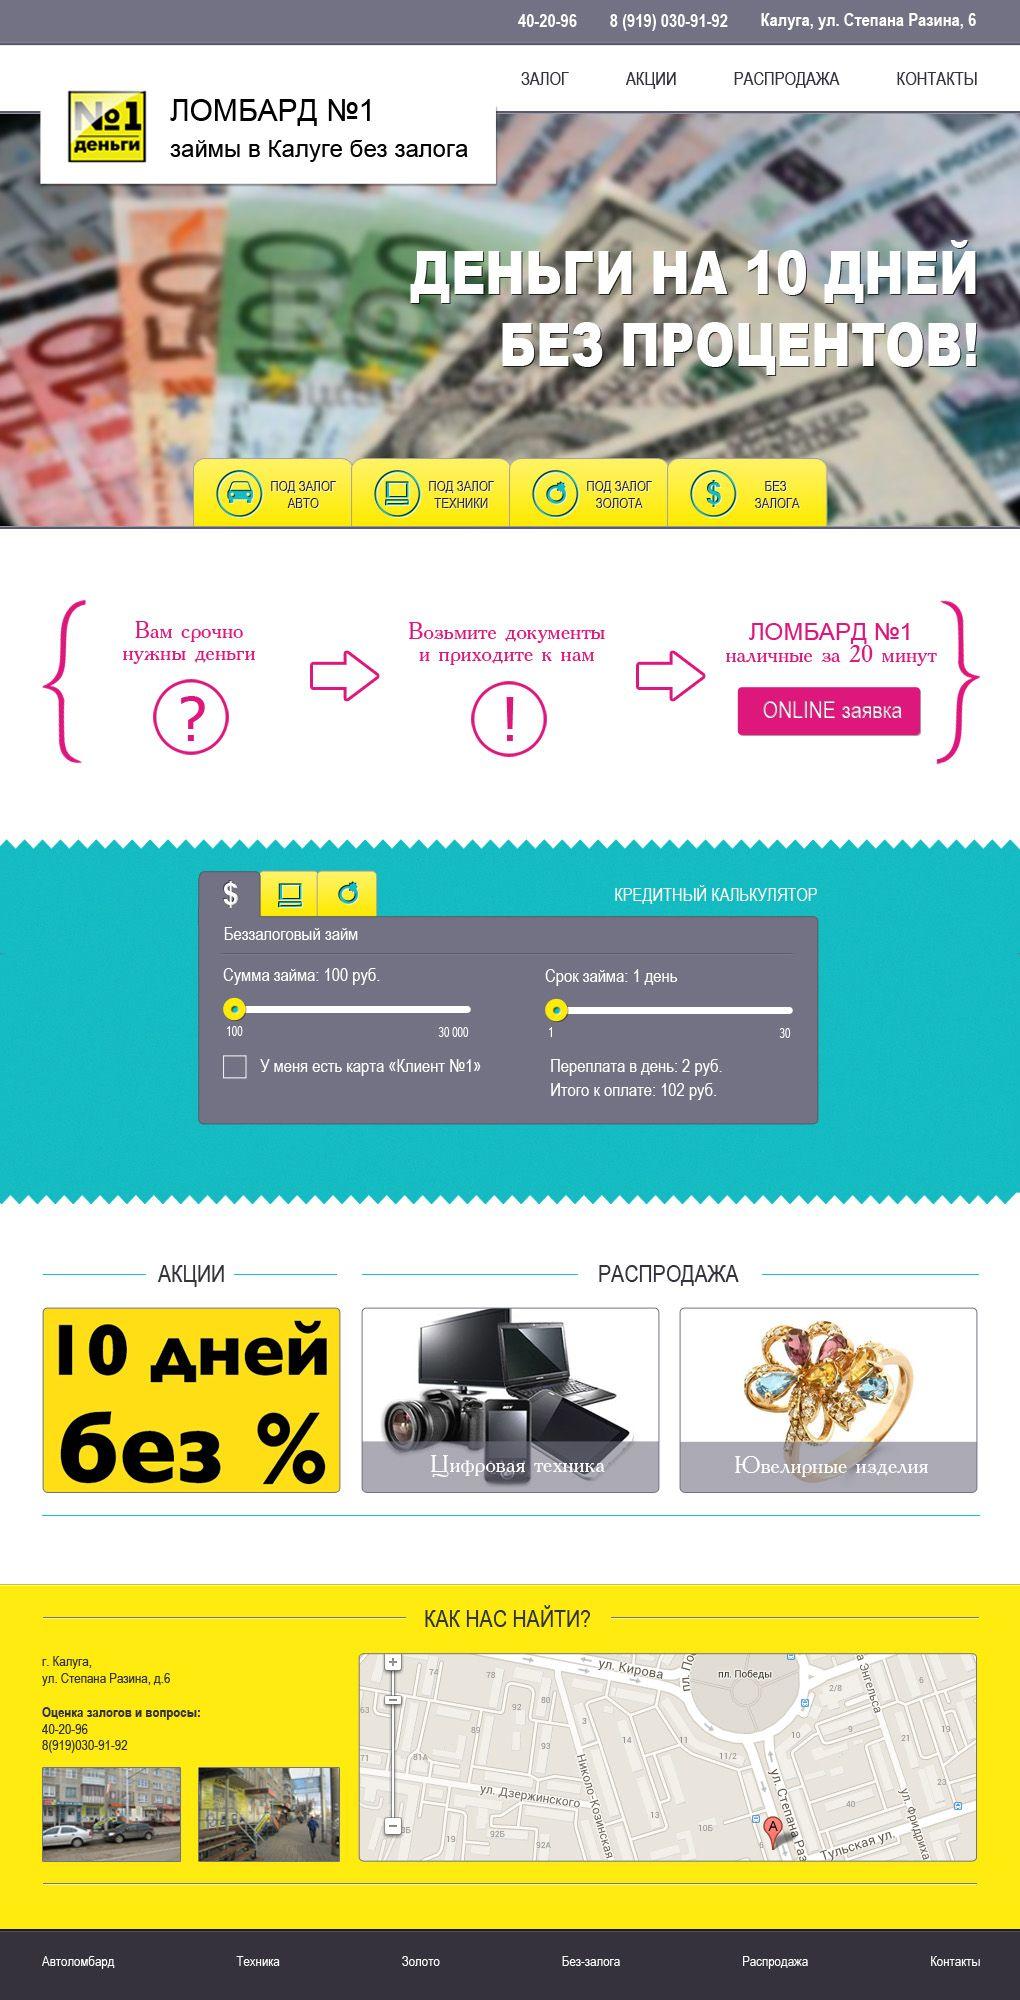 Дизайн главной страницы сайта Ломбард №1 - дизайнер Jeanne15